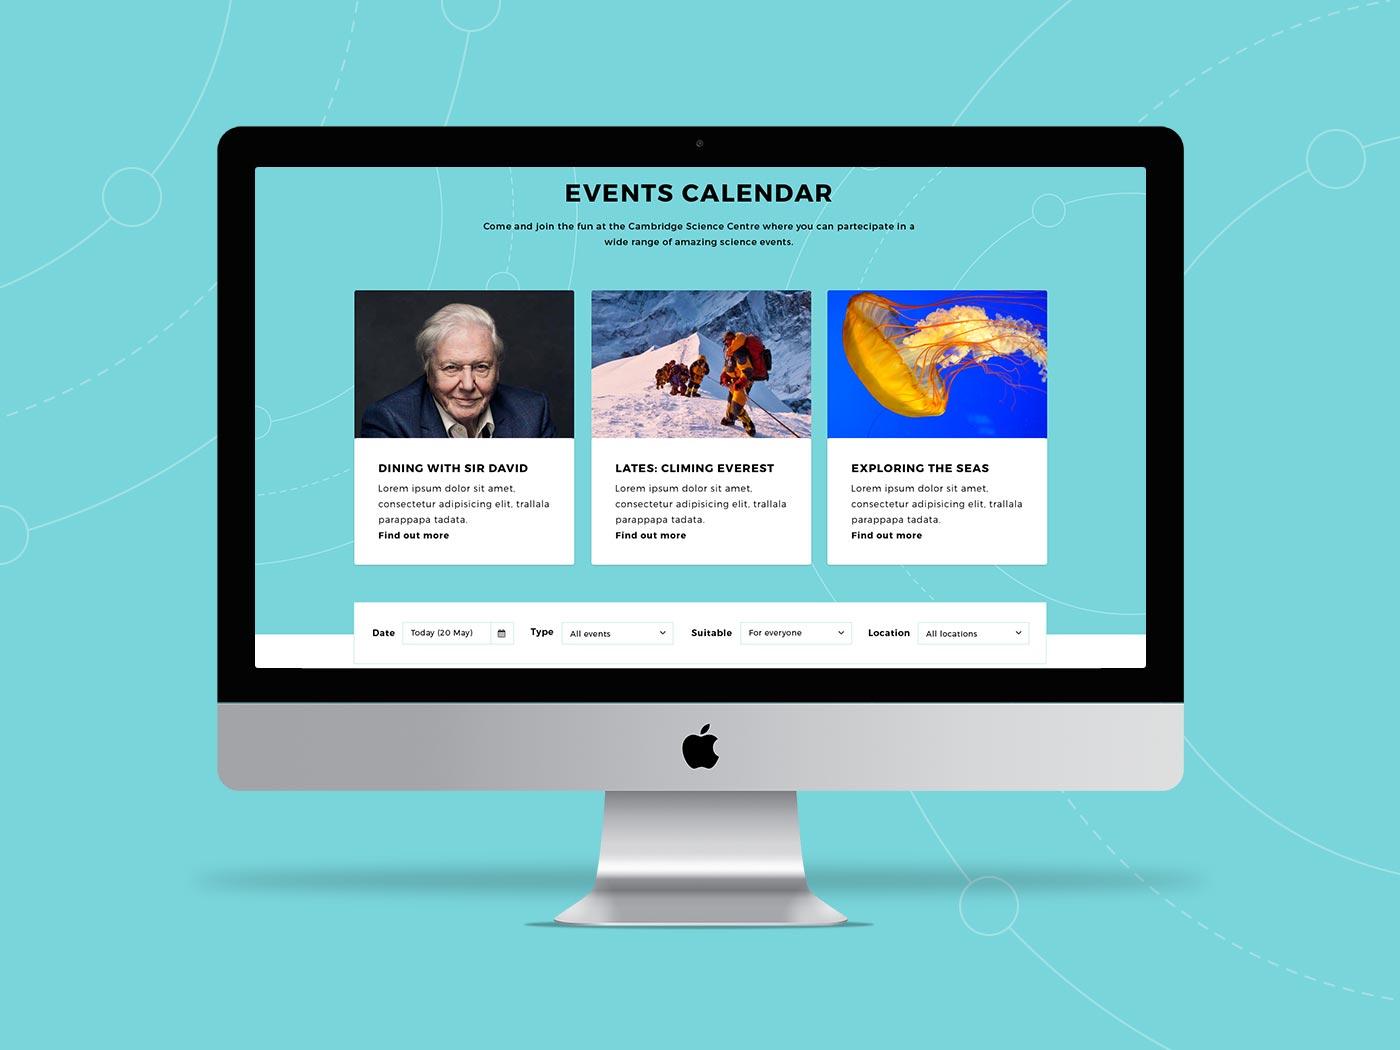 Events calendar, by Chiara Mensa